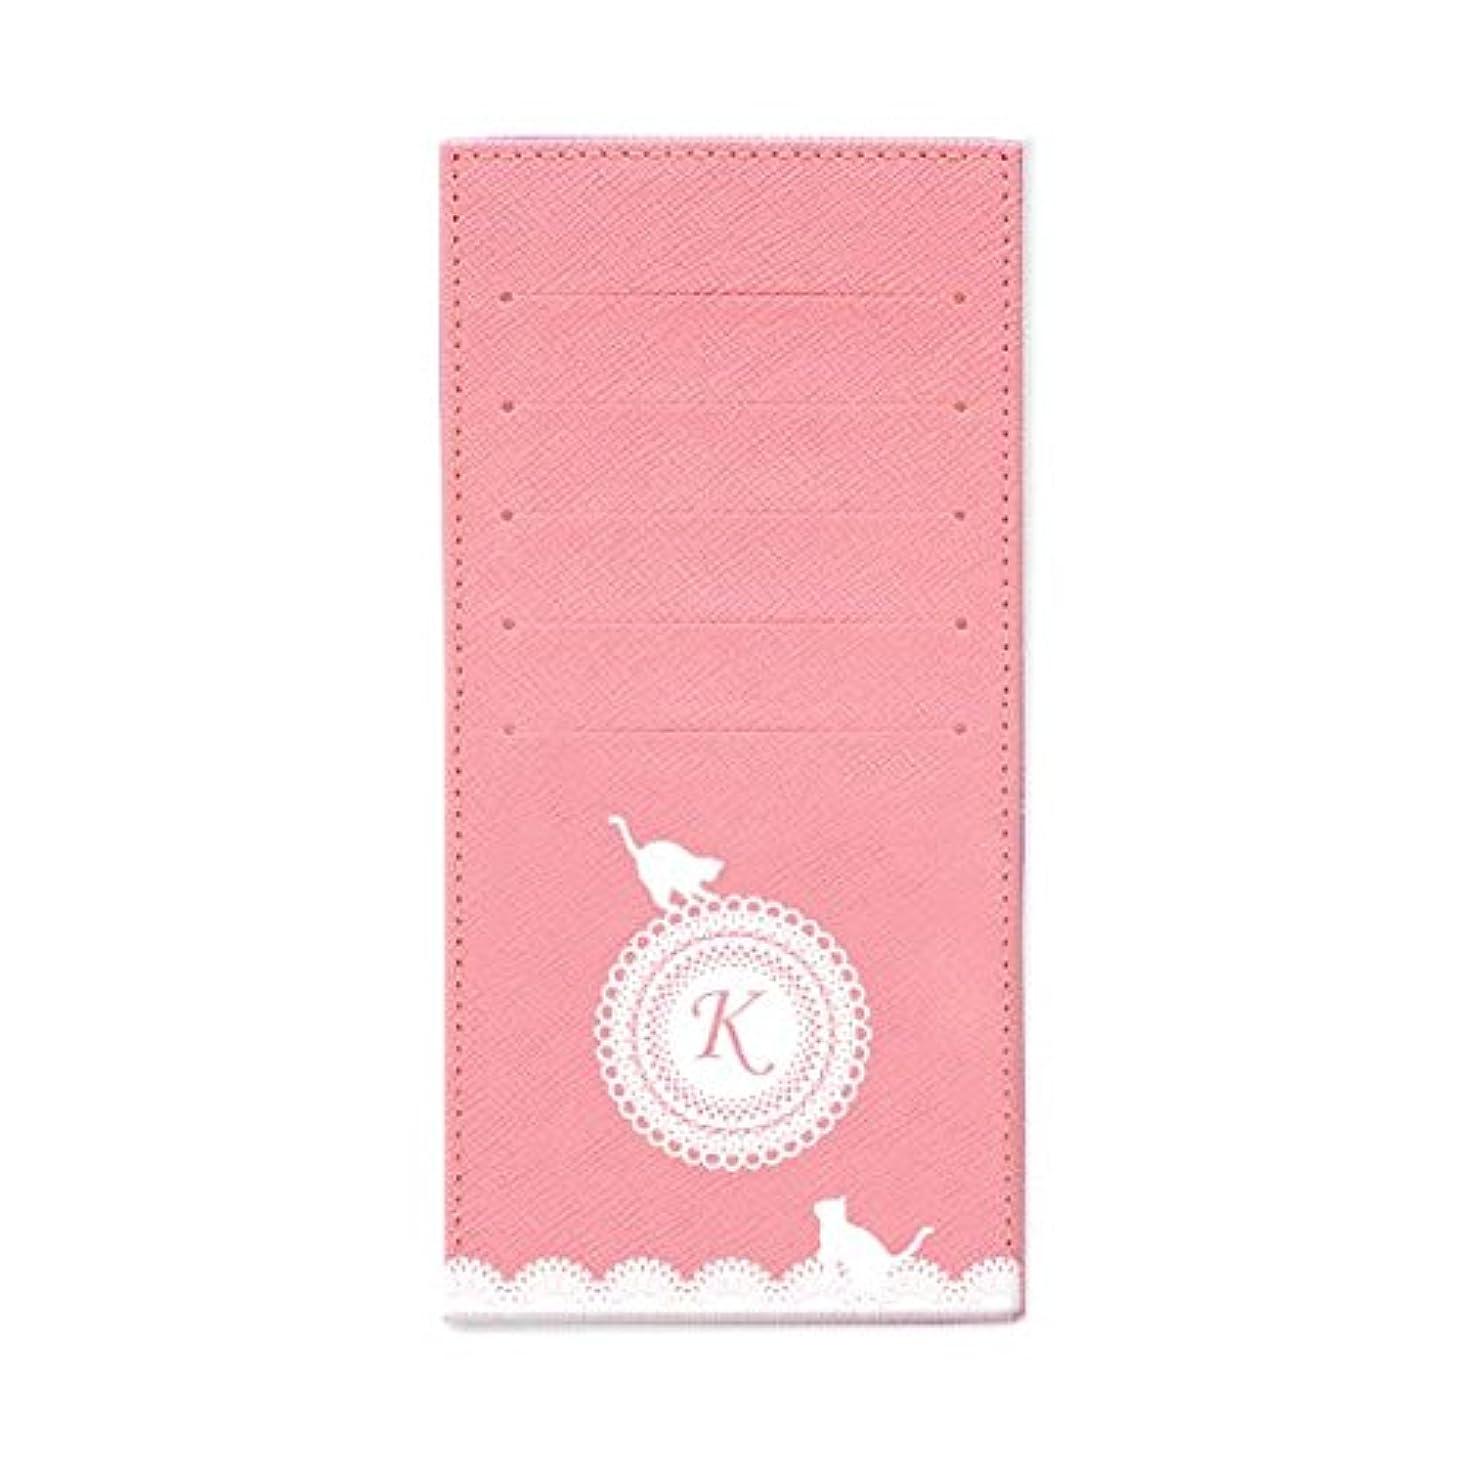 避けられないドレスフィドルインナーカードケース 長財布用カードケース 10枚収納可能 カード入れ 収納 プレゼント ギフト 3015レースネーム (K) パウダーピンク mirai